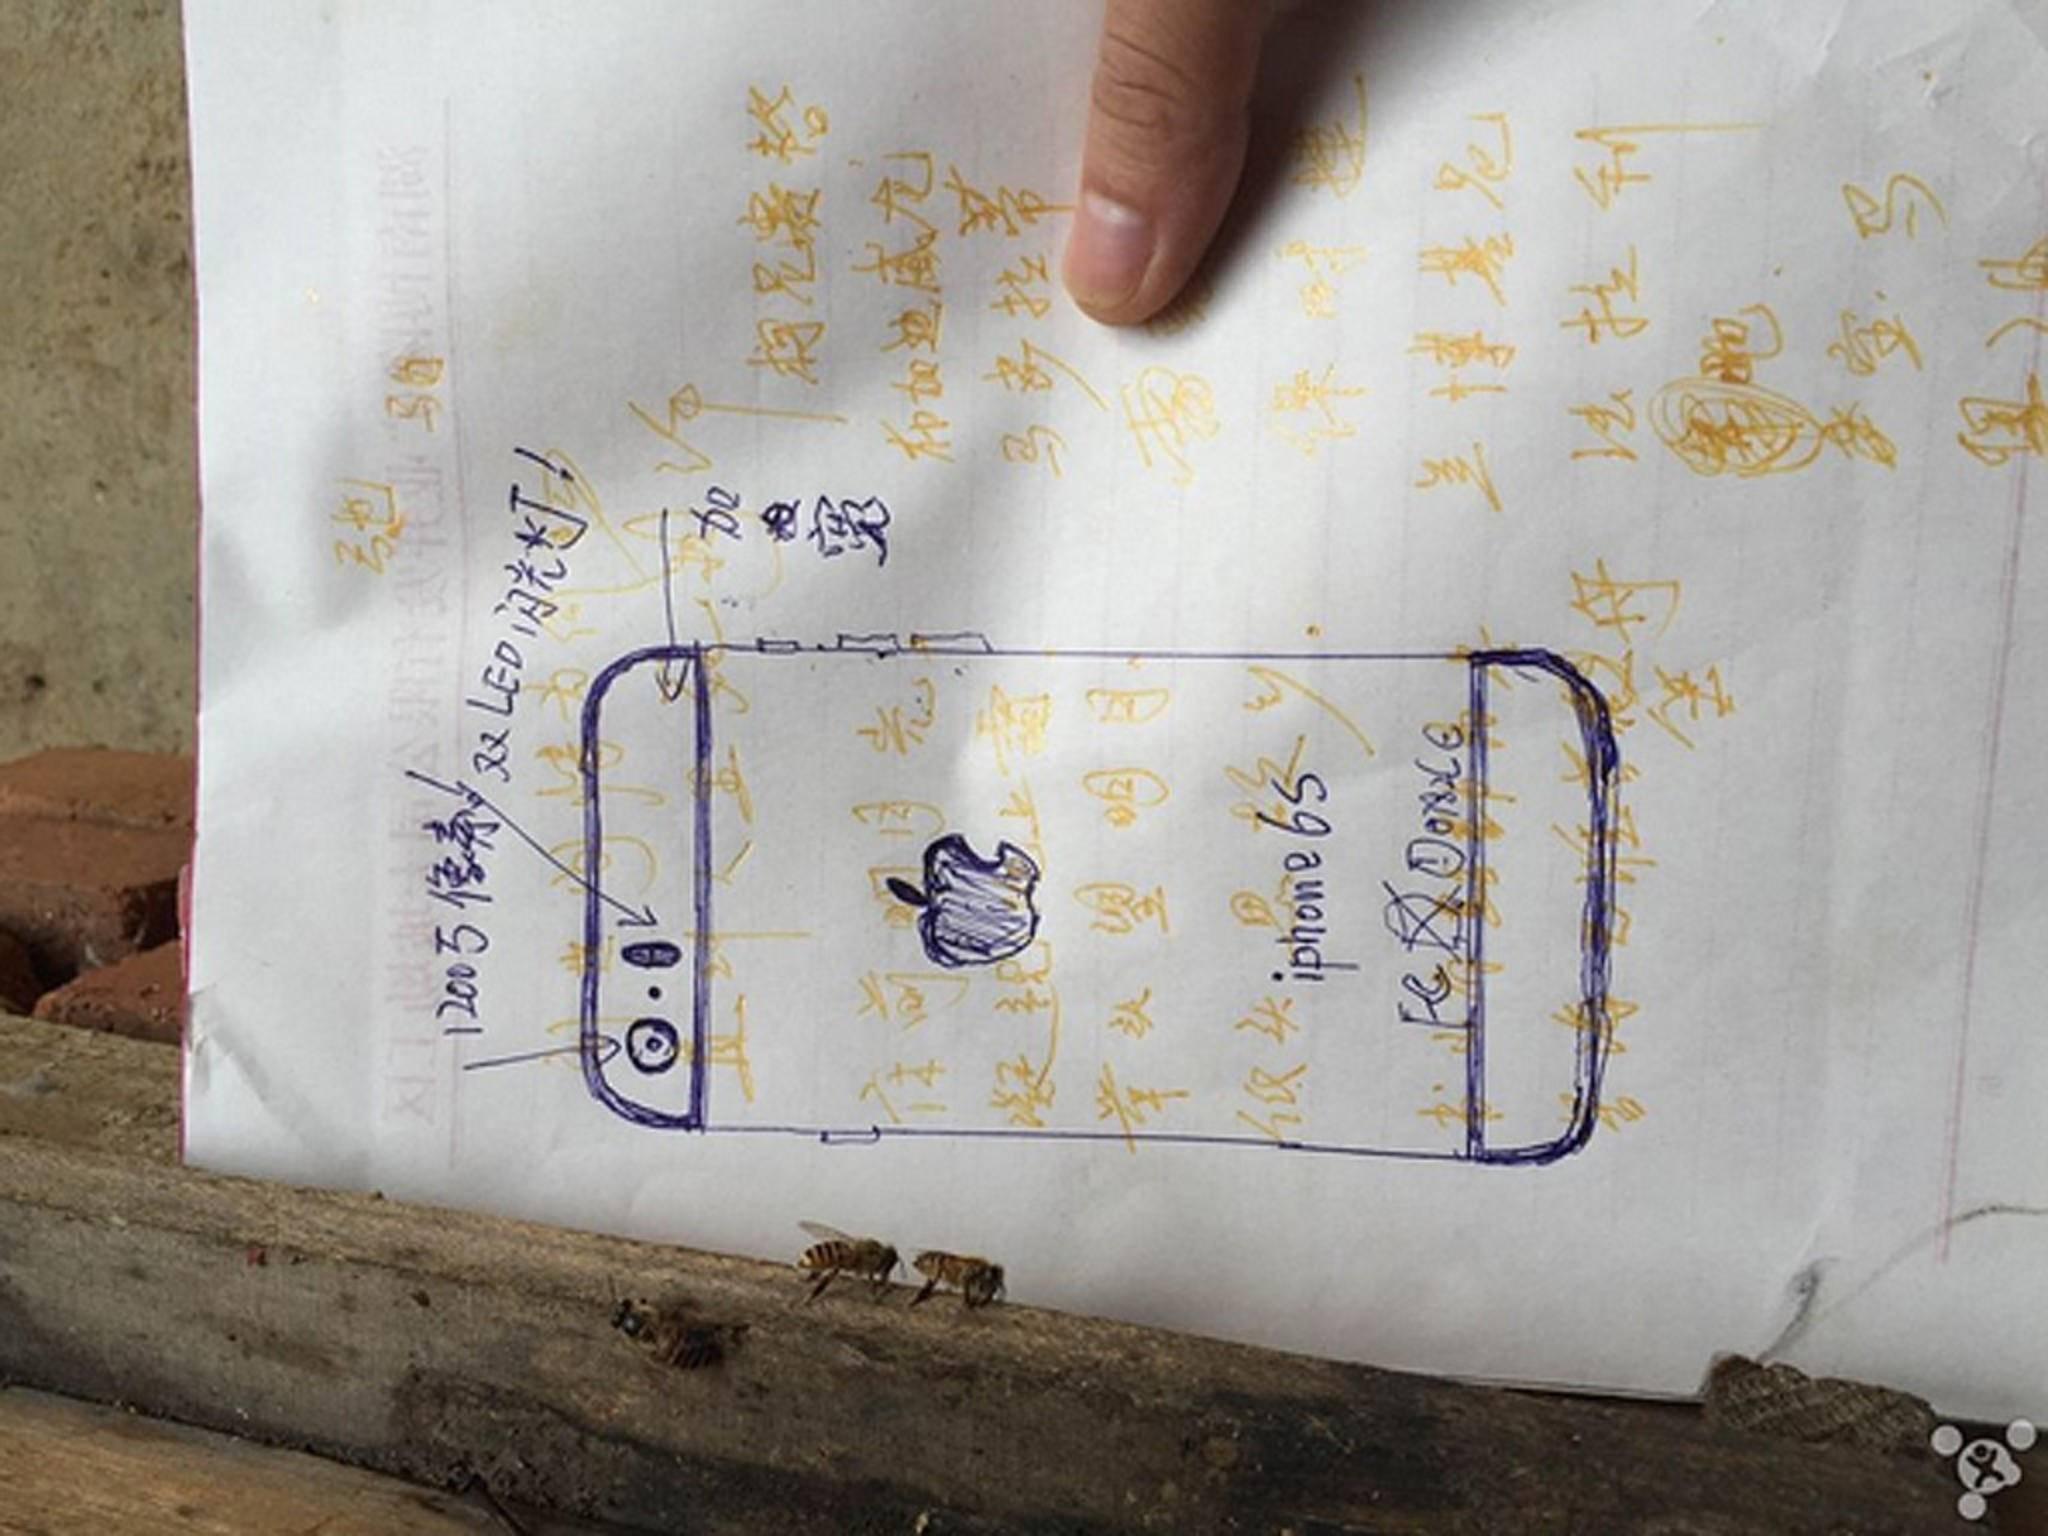 Dieser Zettel eines Foxconn-Mitarbeiters soll auf ein angebliches iPhone 6s mit 5 Zoll hinweisen.